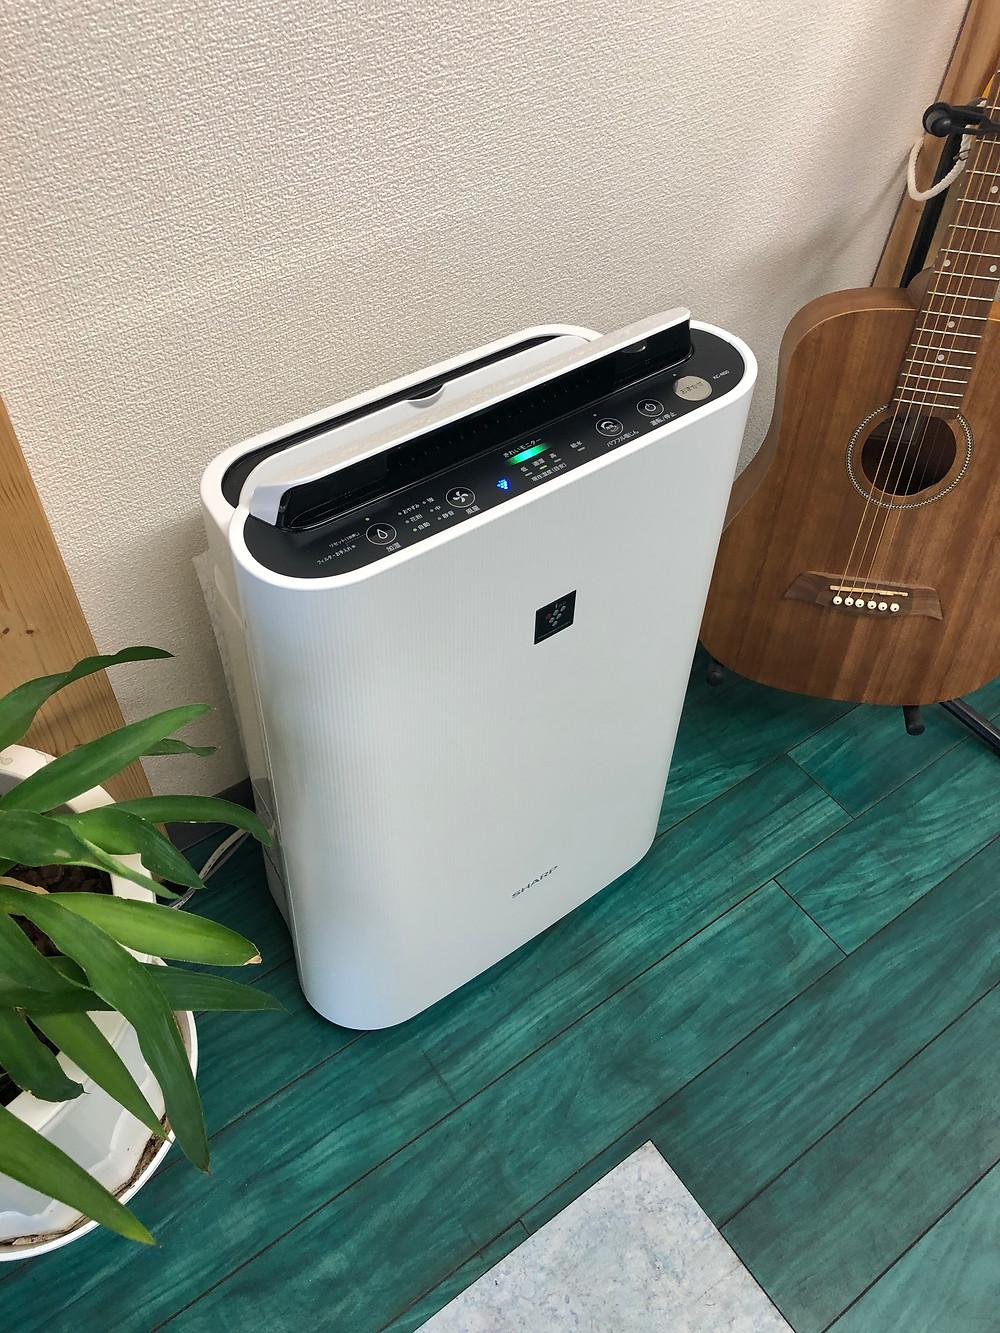 教室の空気清浄機の写真